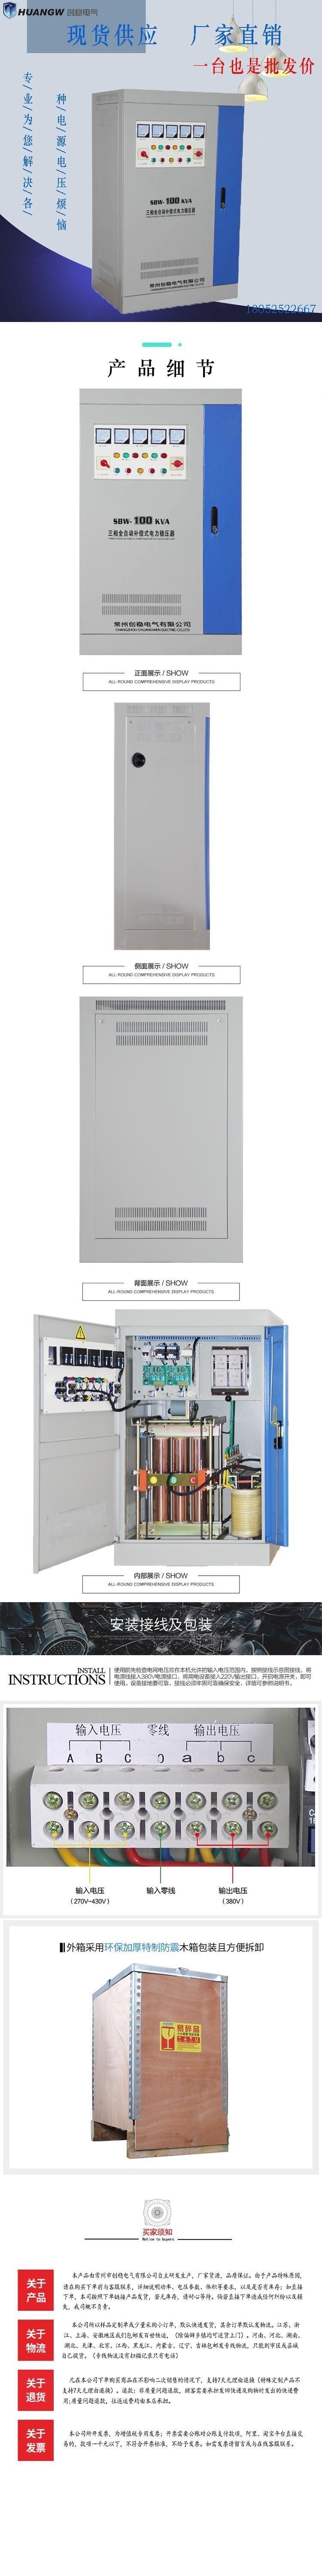 100-SBW大功率电力稳压器2